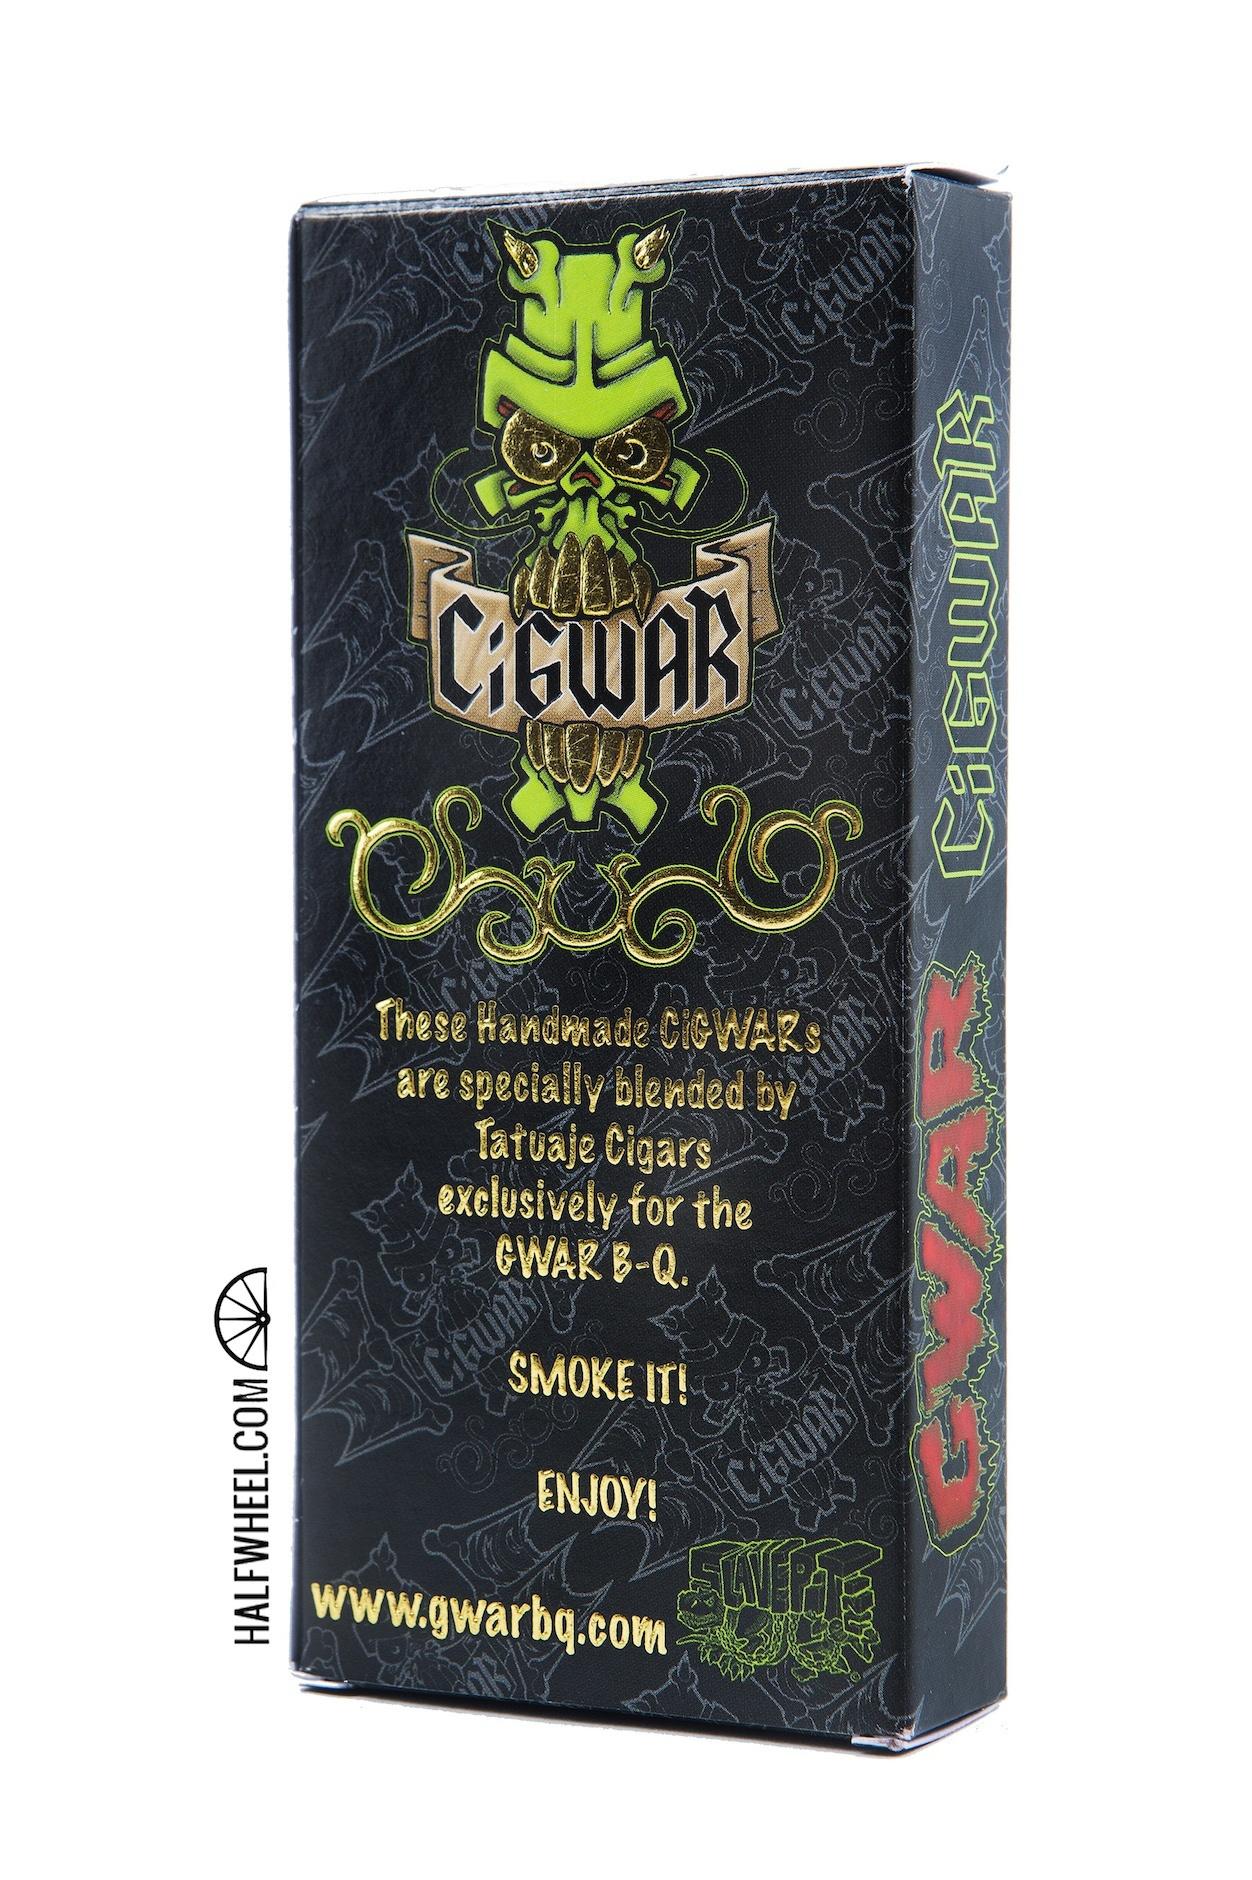 Tatuaje CiGWAR Box 2